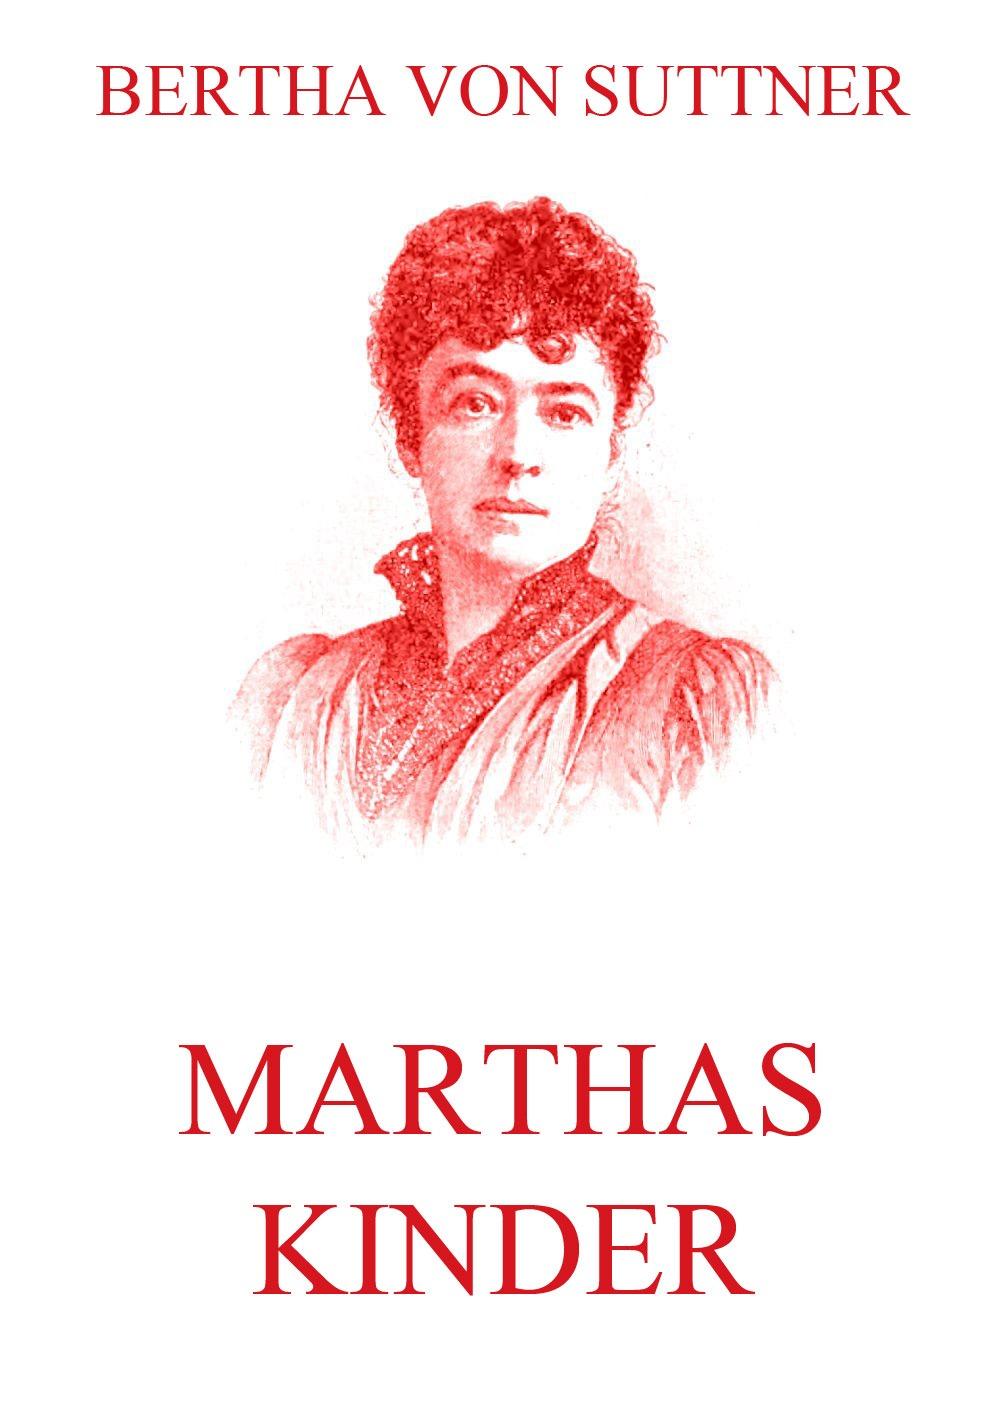 Bertha von Suttner Marthas Kinder bertha von suttner memoiren der friedensaktivistin und nobelpreisträgerin bertha von suttner